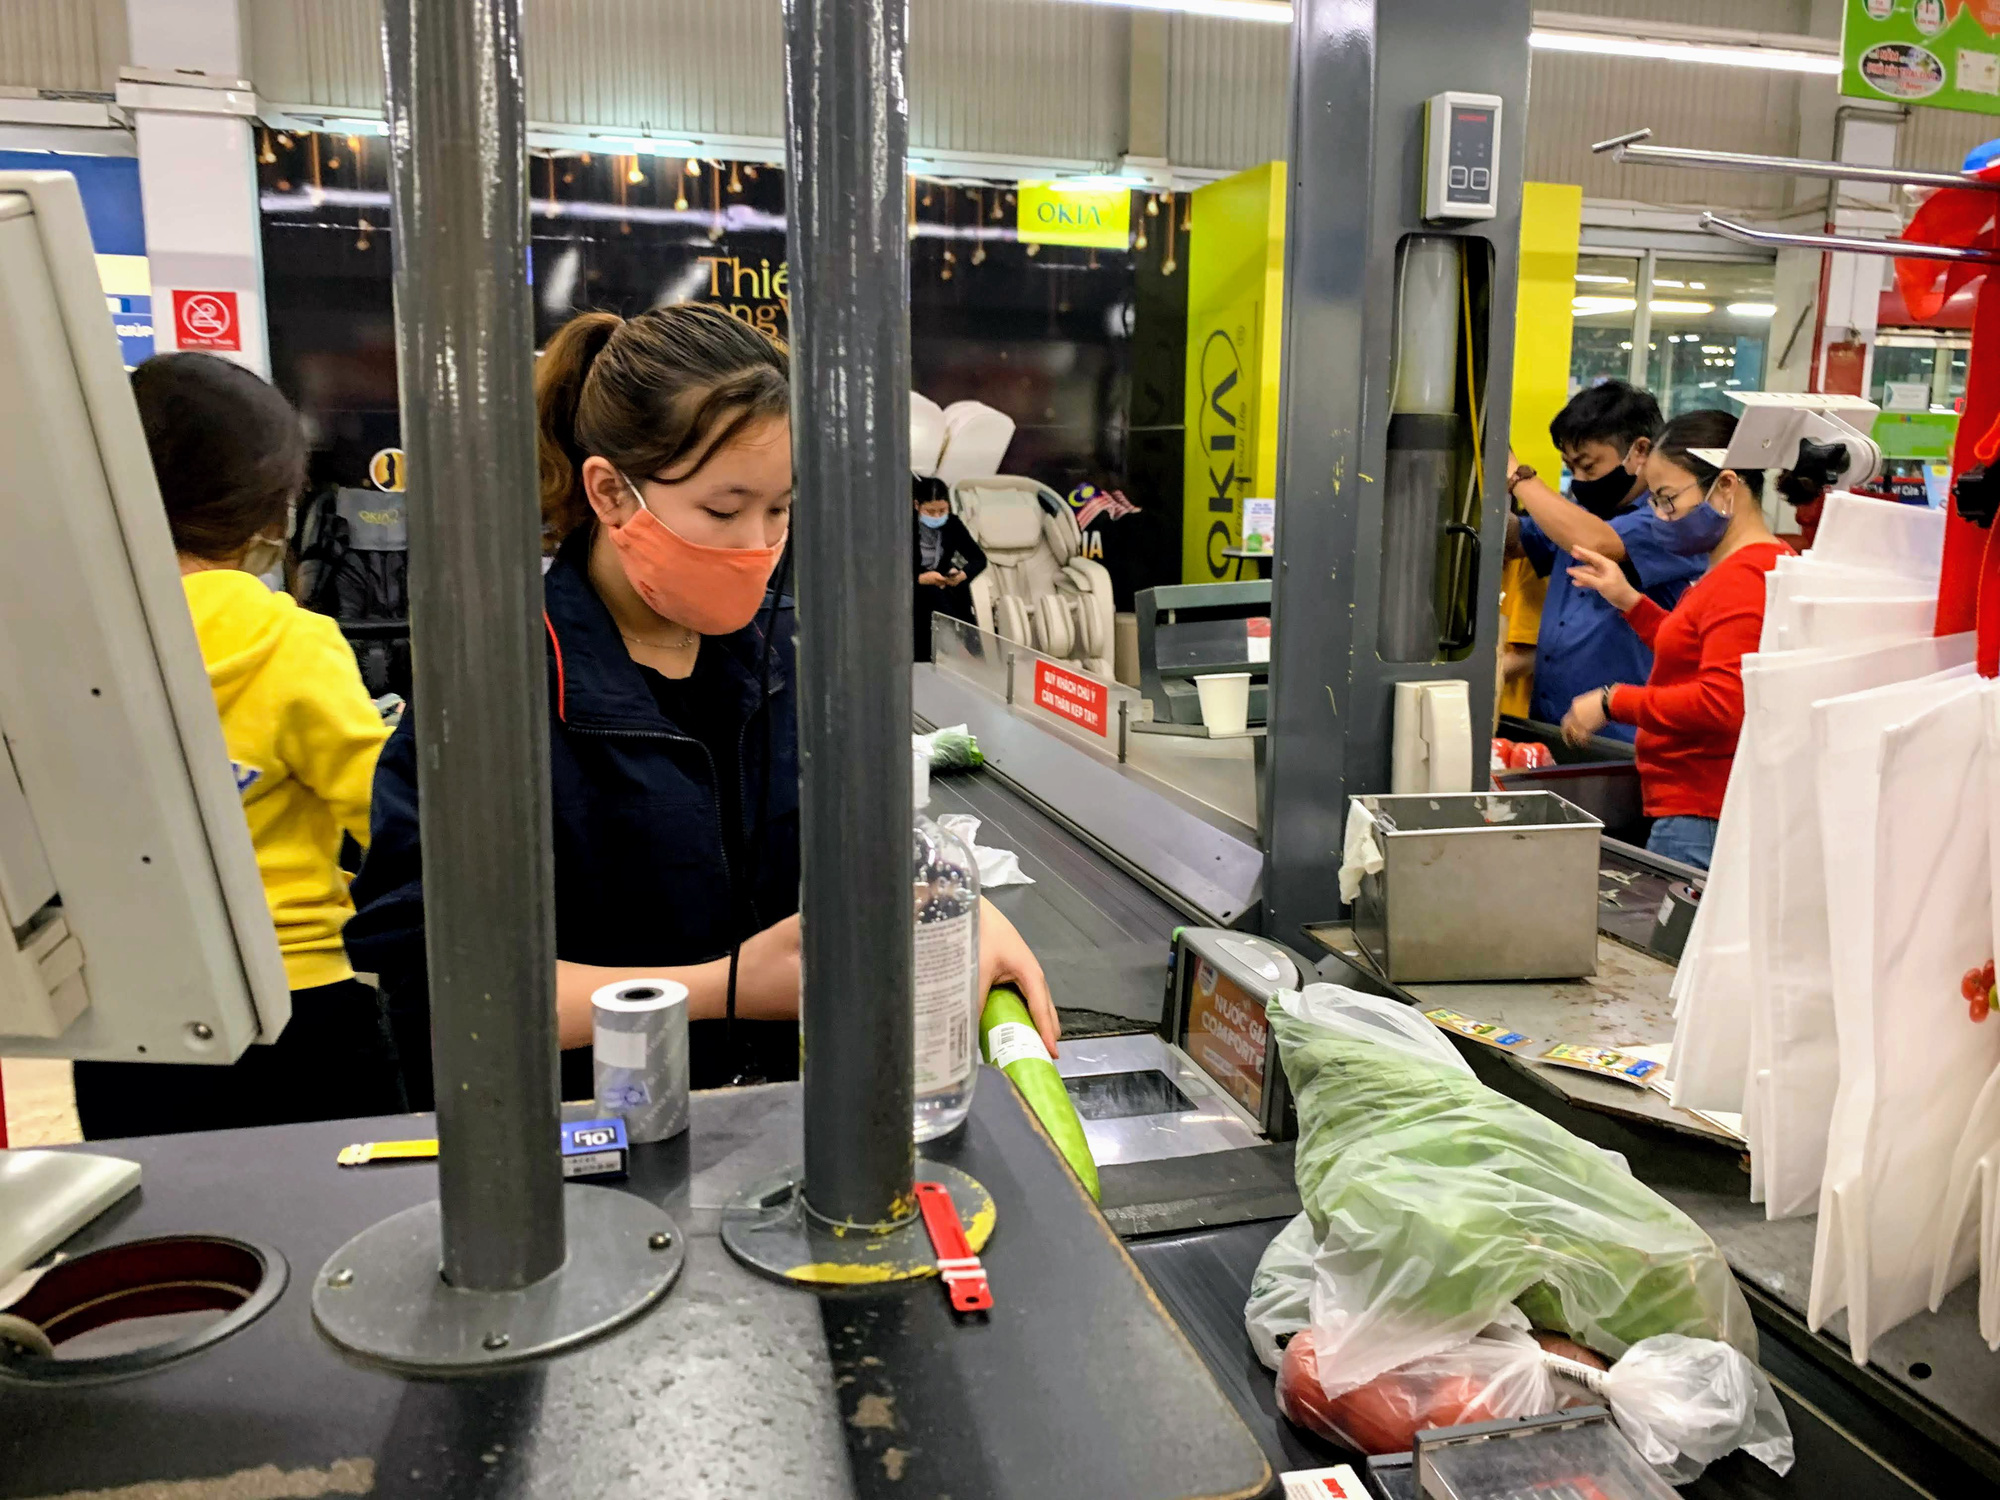 17 người nhiễm Covid - 19 được chữa khỏi, người dân lạc quan quay trở lại mua sắm trong siêu thị, trung tâm thương mại - Ảnh 3.